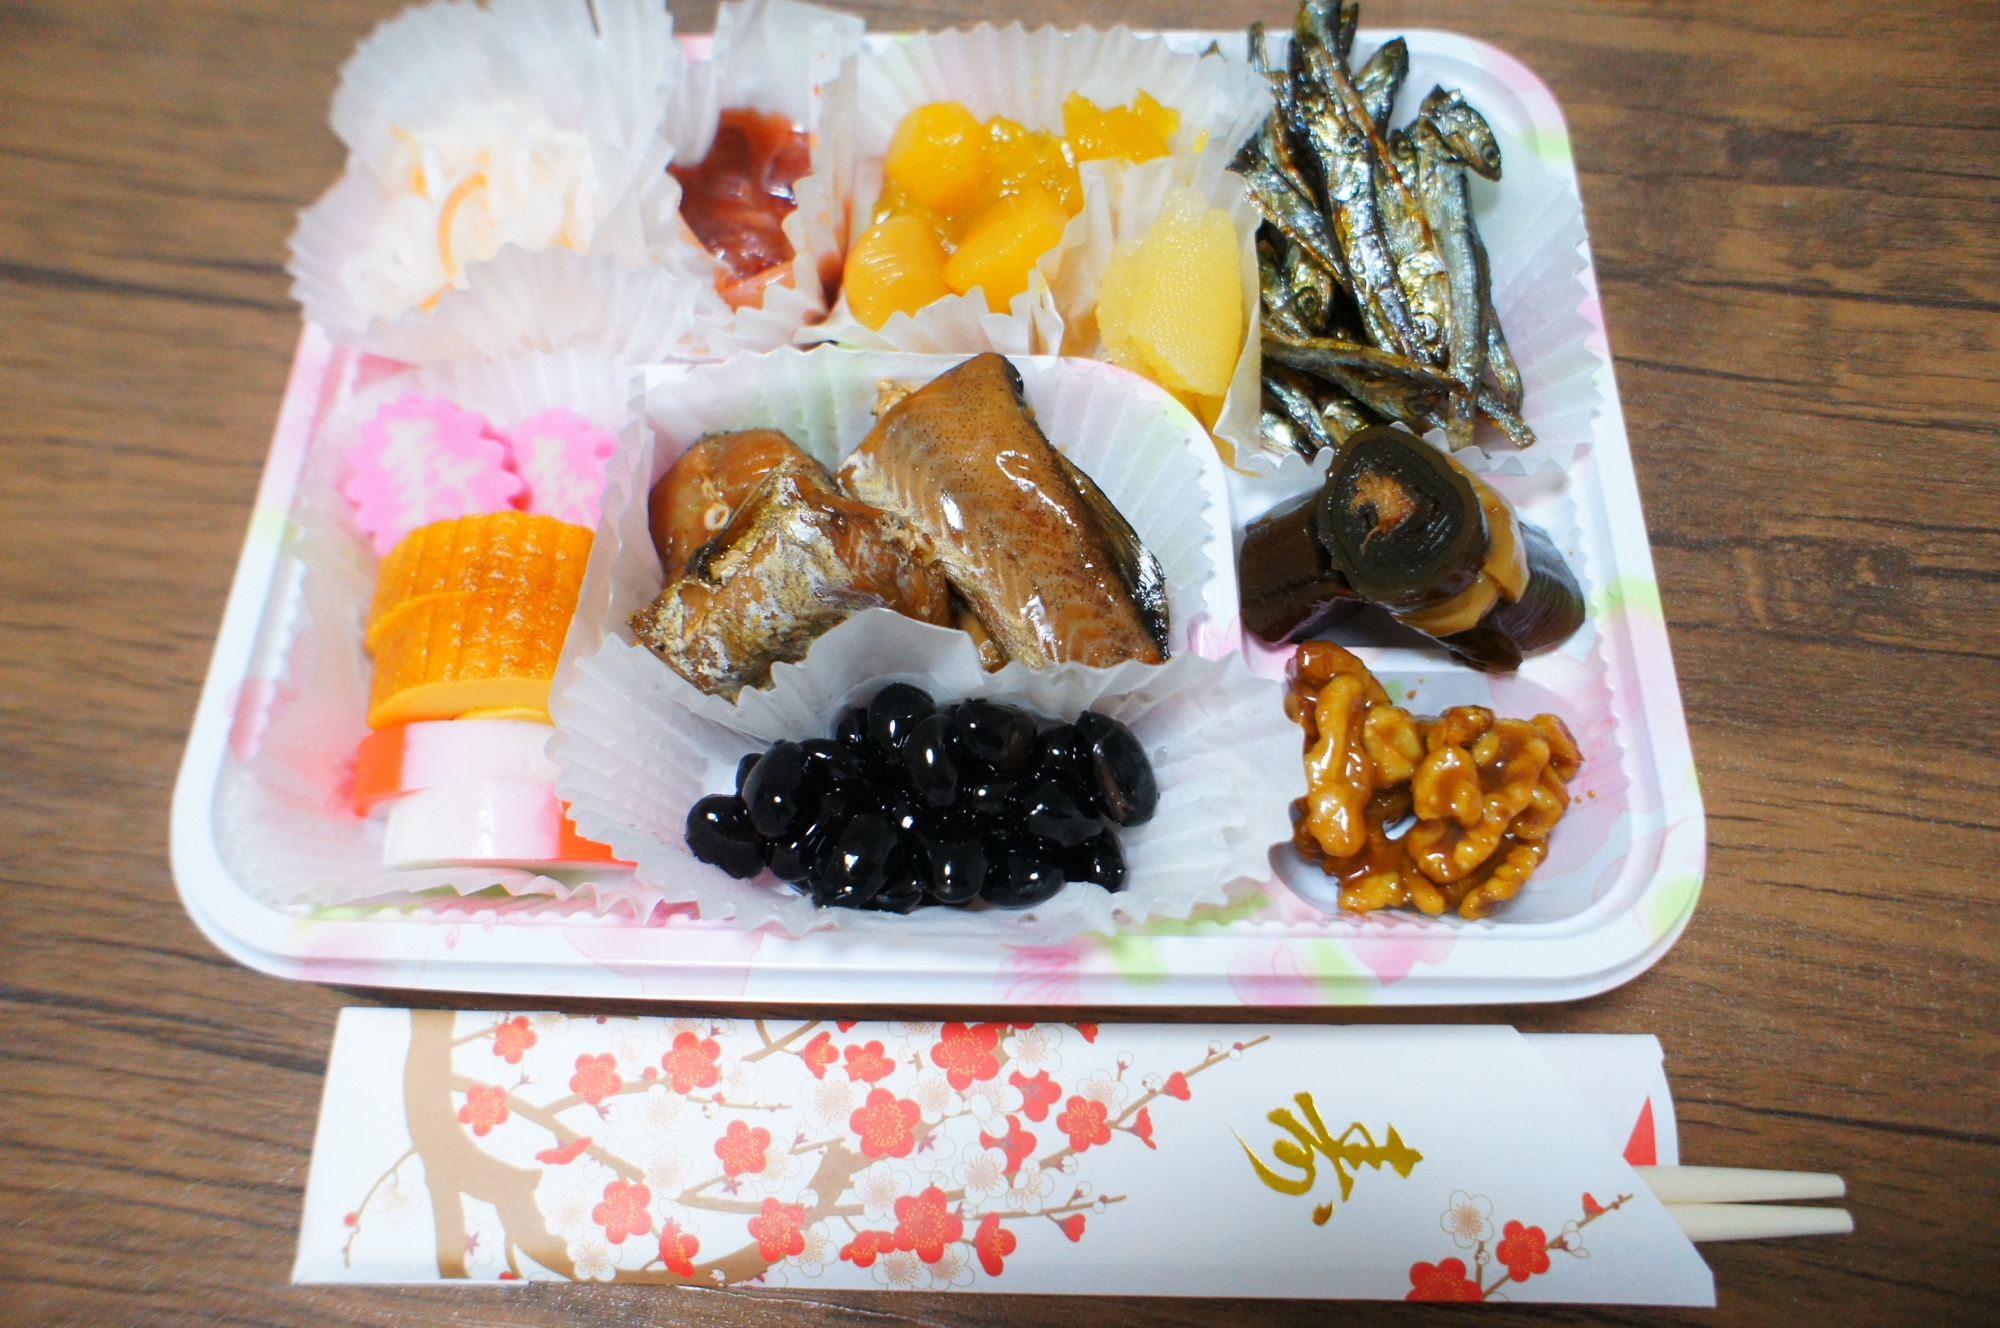 《カスタマイズ自由❤️》超人気!食べきりサイズ【ローソンストア】100円おせち☻_2